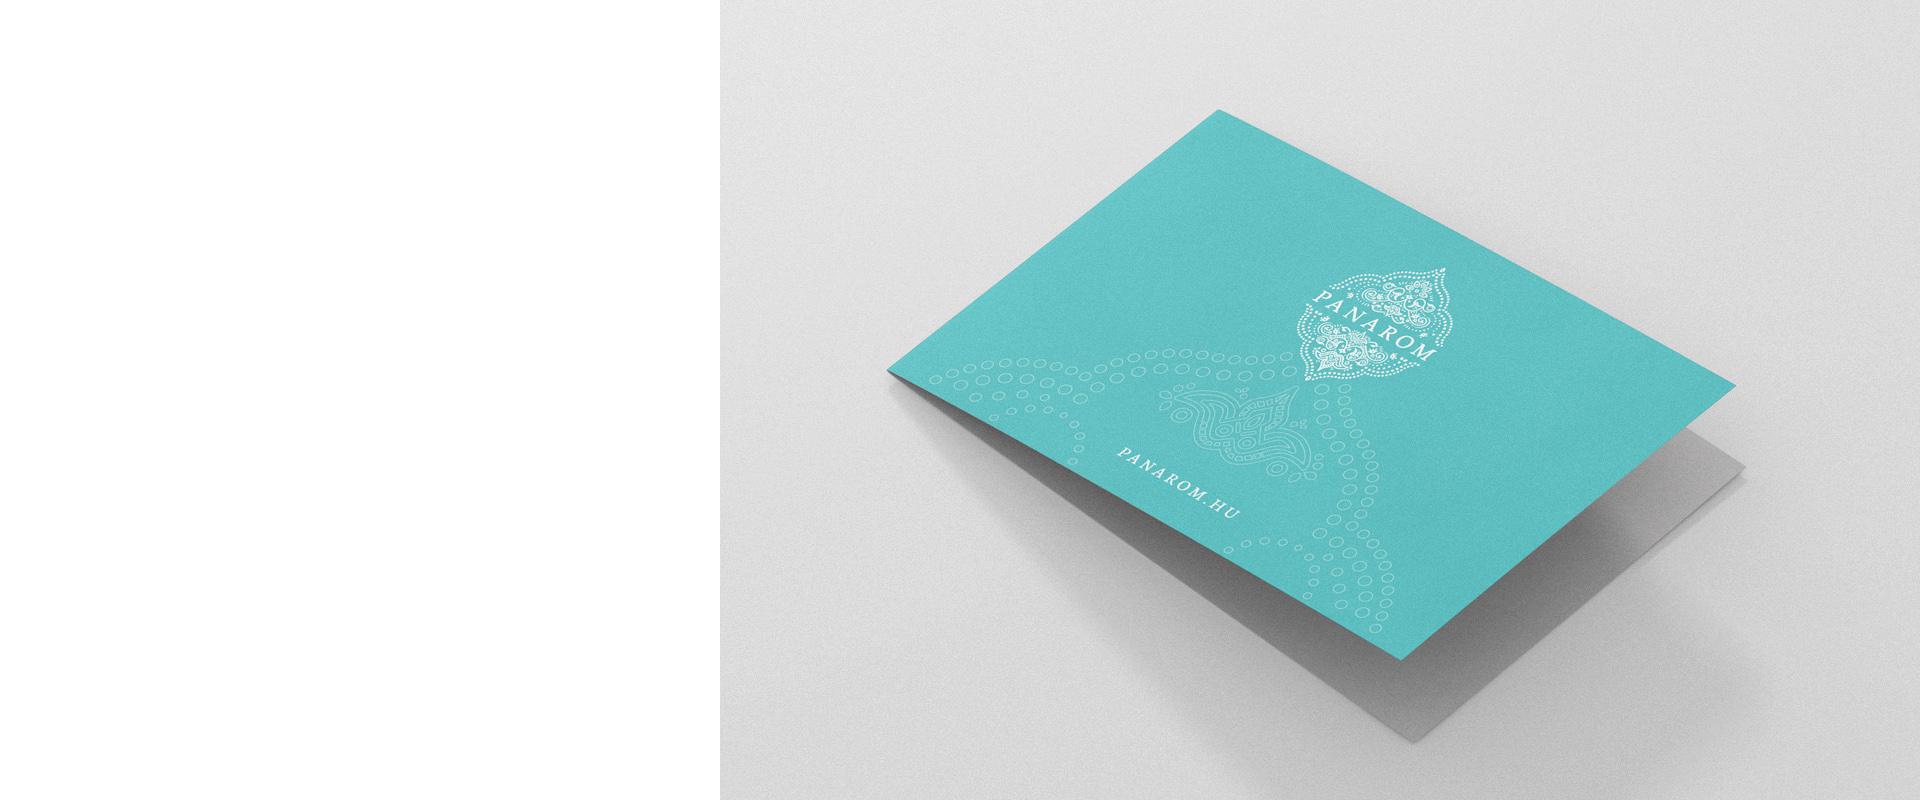 Panarom Card